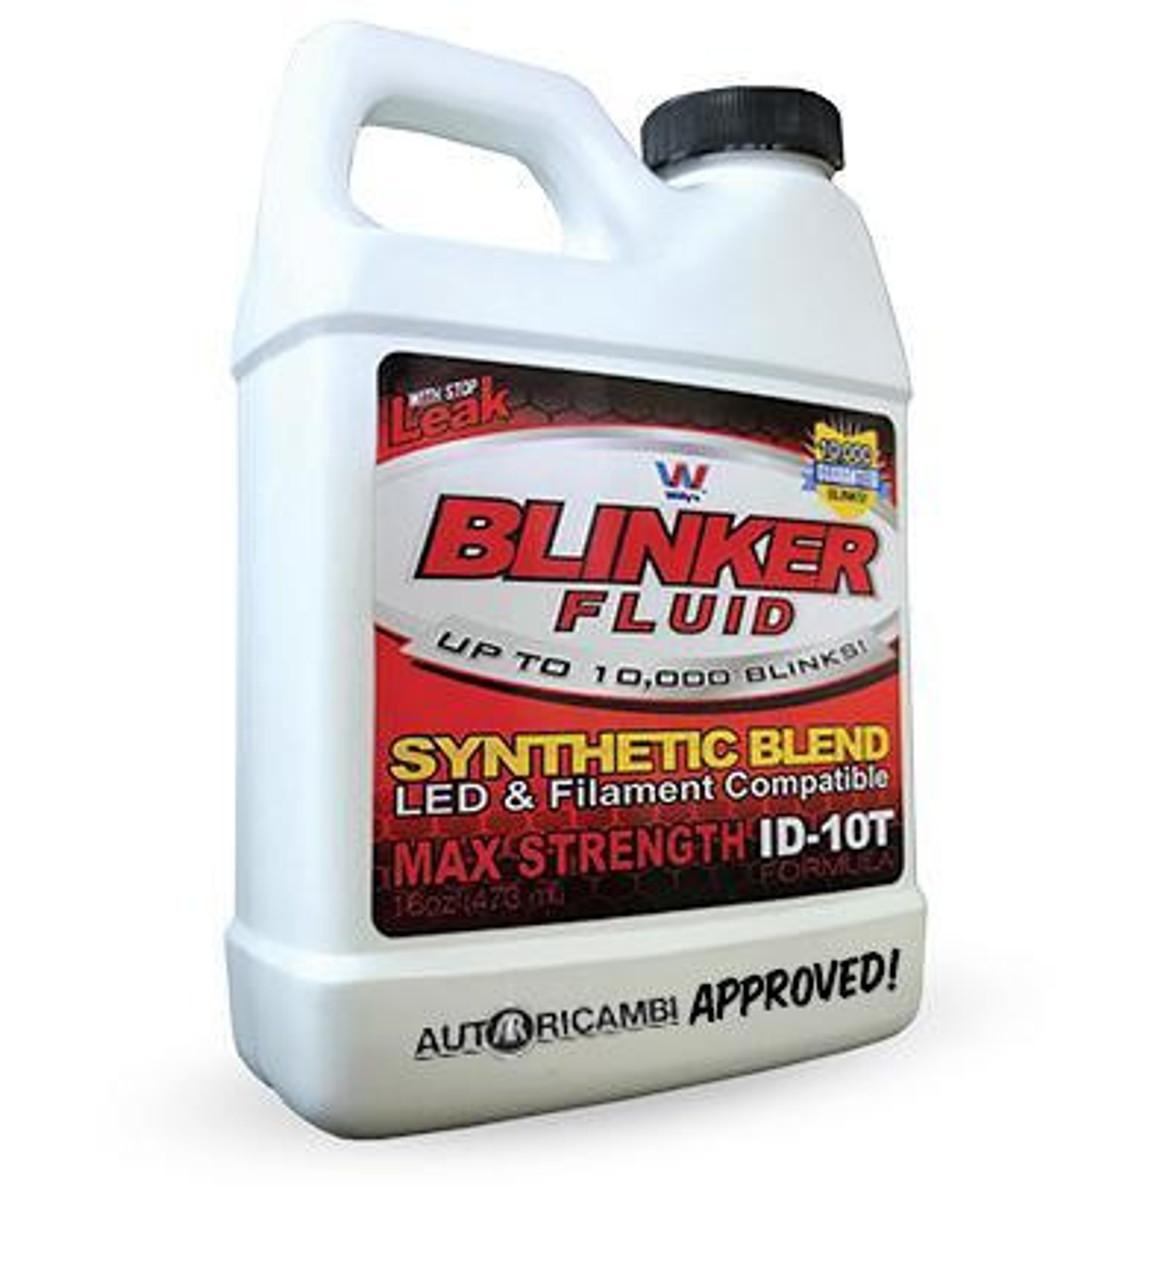 Blinker Fluid - Official FIAT Spider Approved